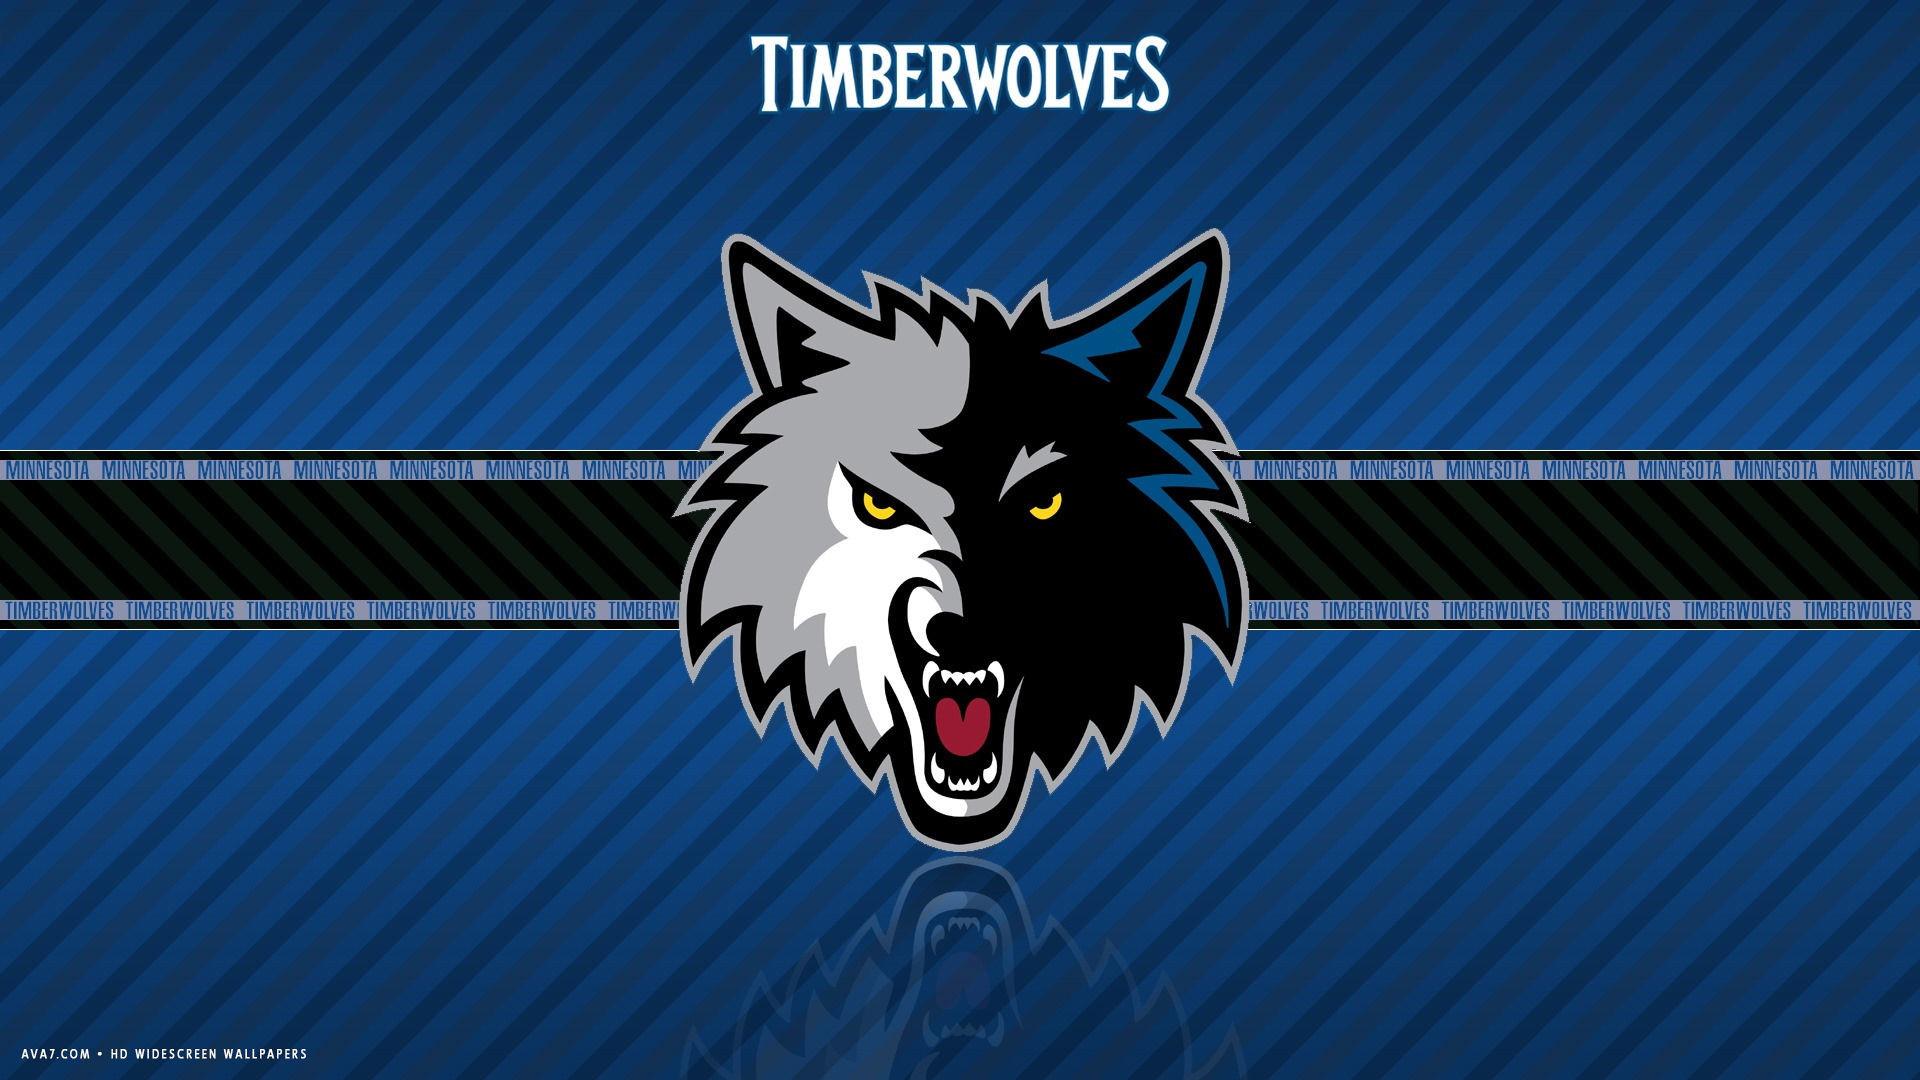 minnesota timberwolves nba basketball team hd widescreen wallpaper